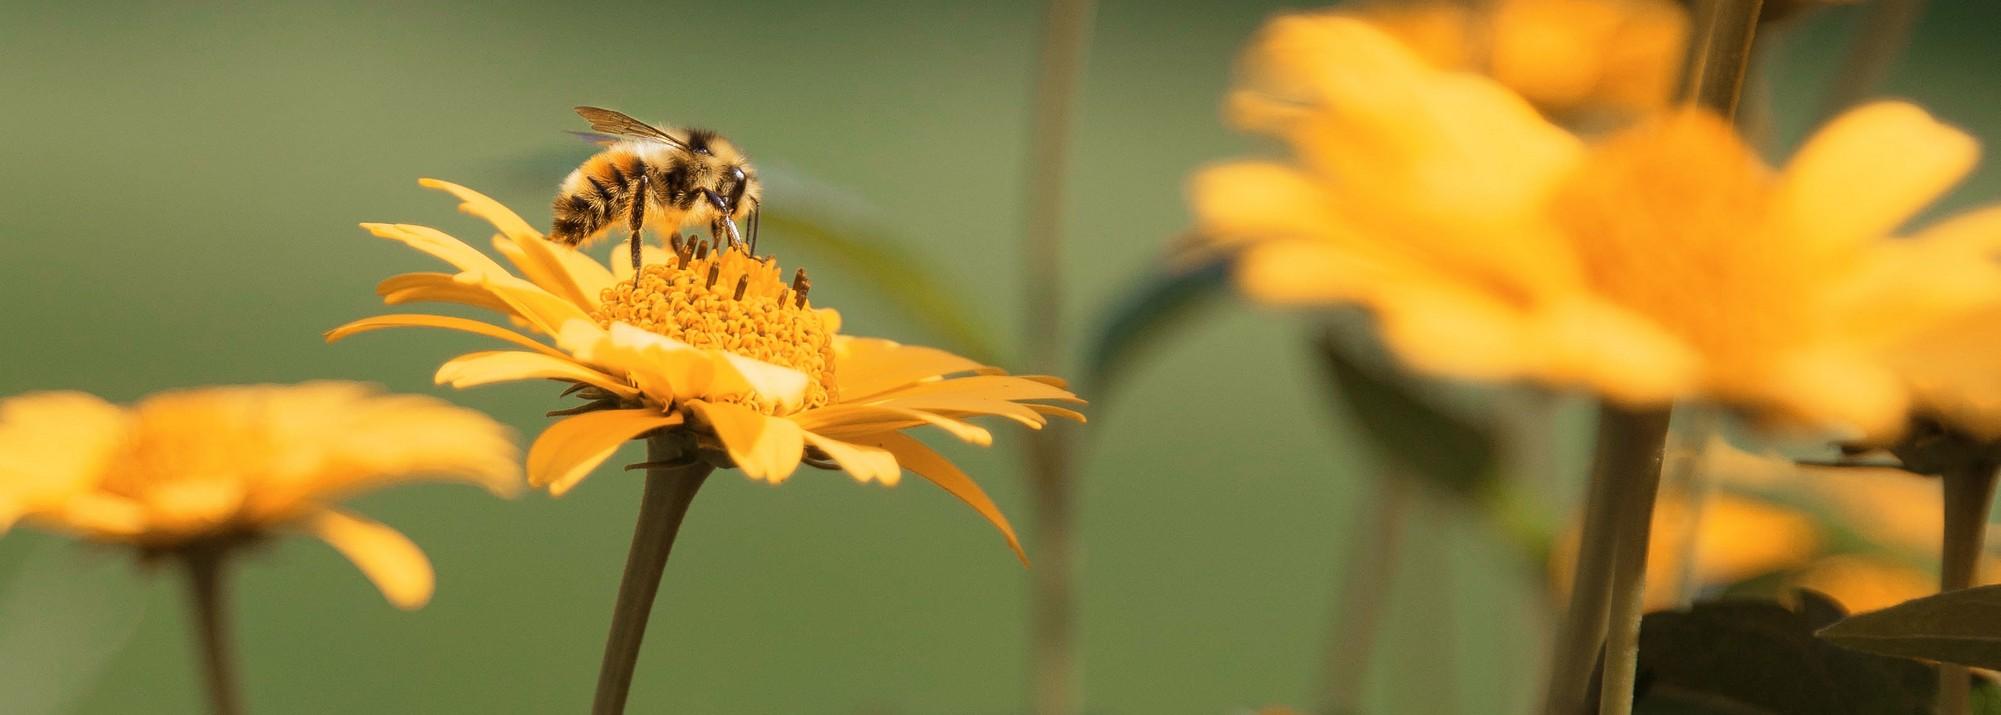 Abeilles et matériel d'apiculture